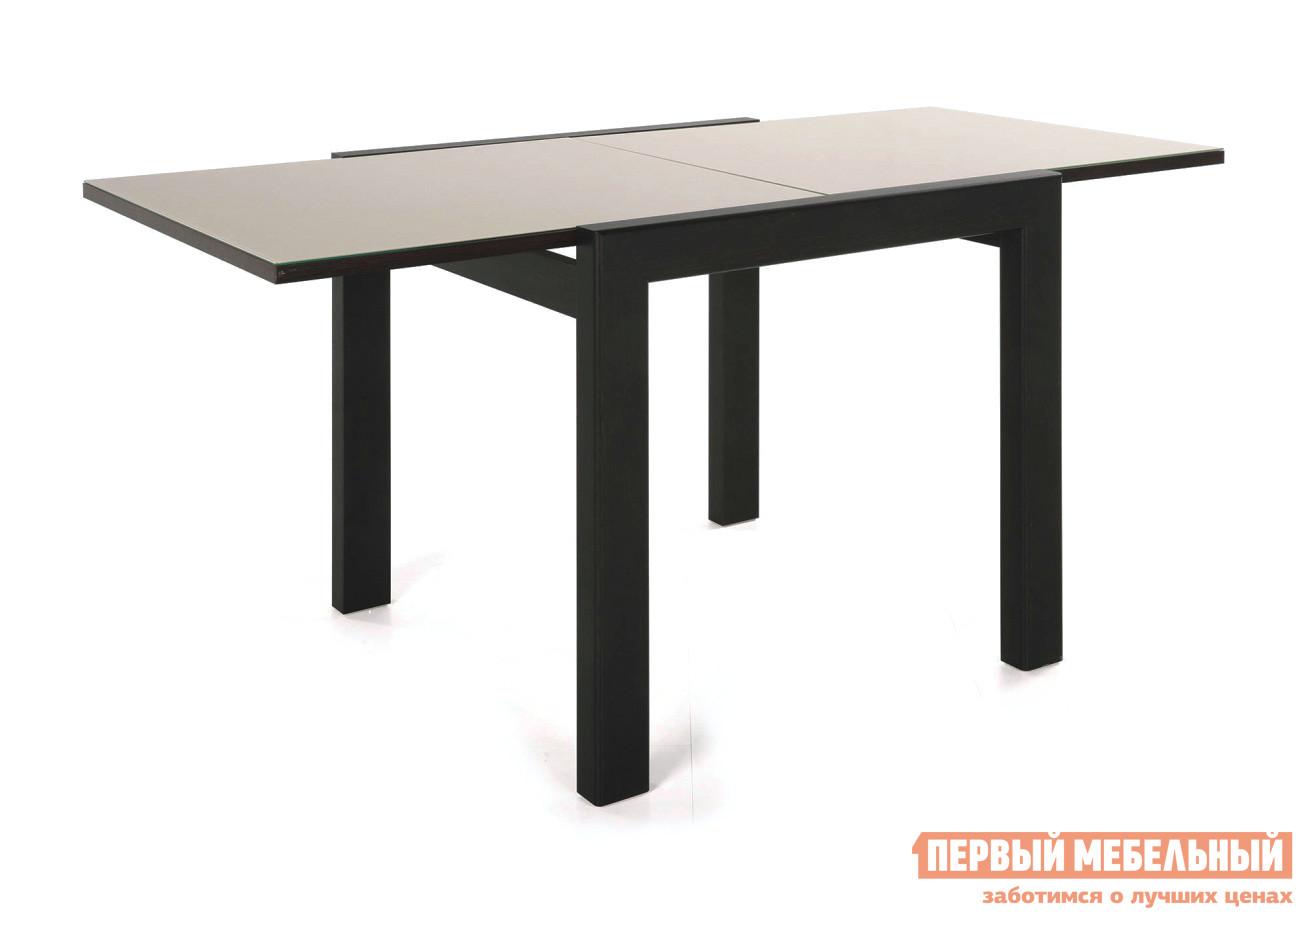 Кухонный стол  Джокер-Бизнес Венге / Стекло бежевое СтолЛайн 50674